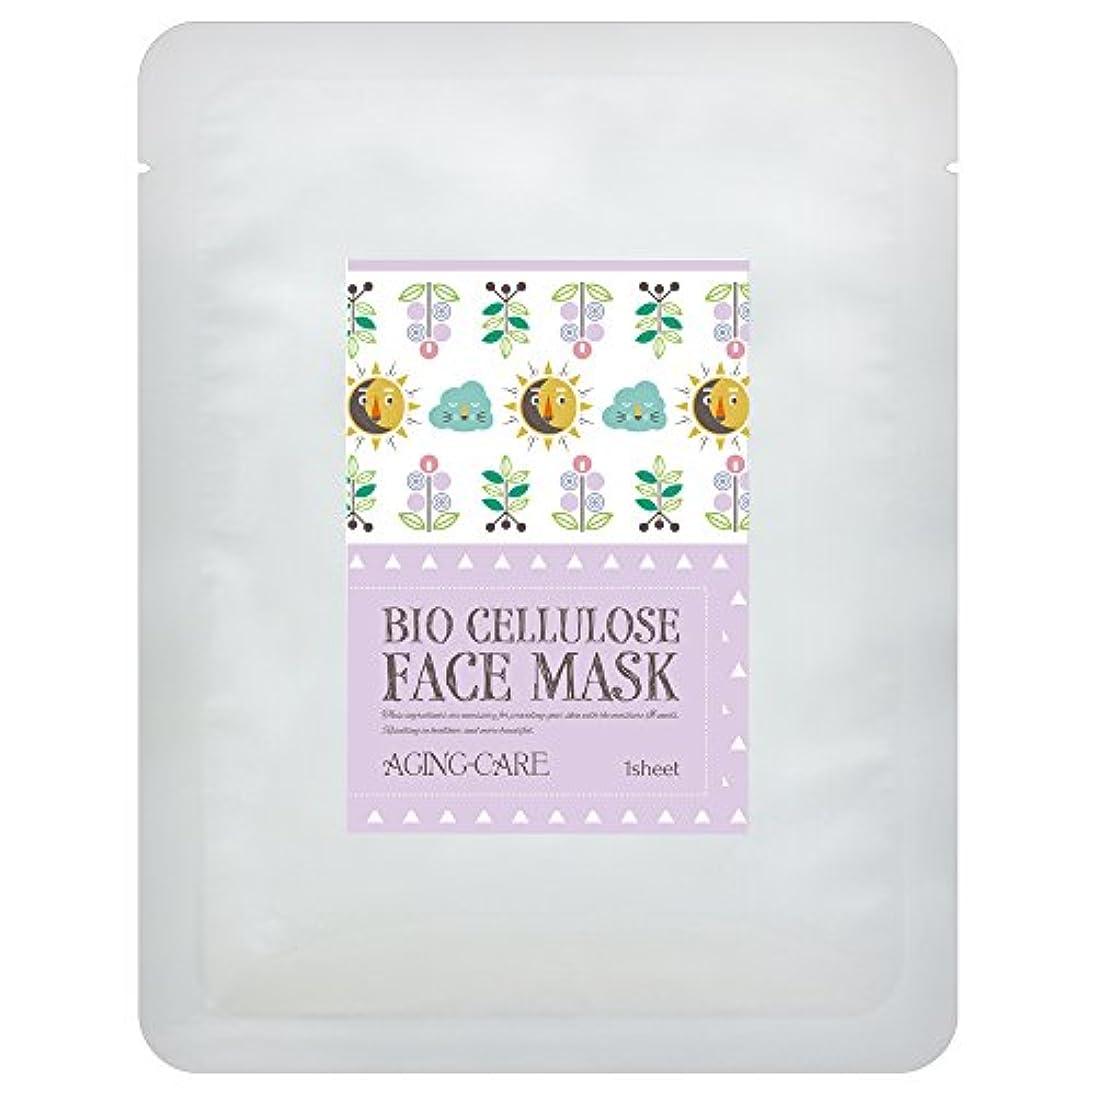 特許憂鬱メディカル日本製バイオセルロース フェイスマスク ANTI-AGE(エイジングケア) 1枚